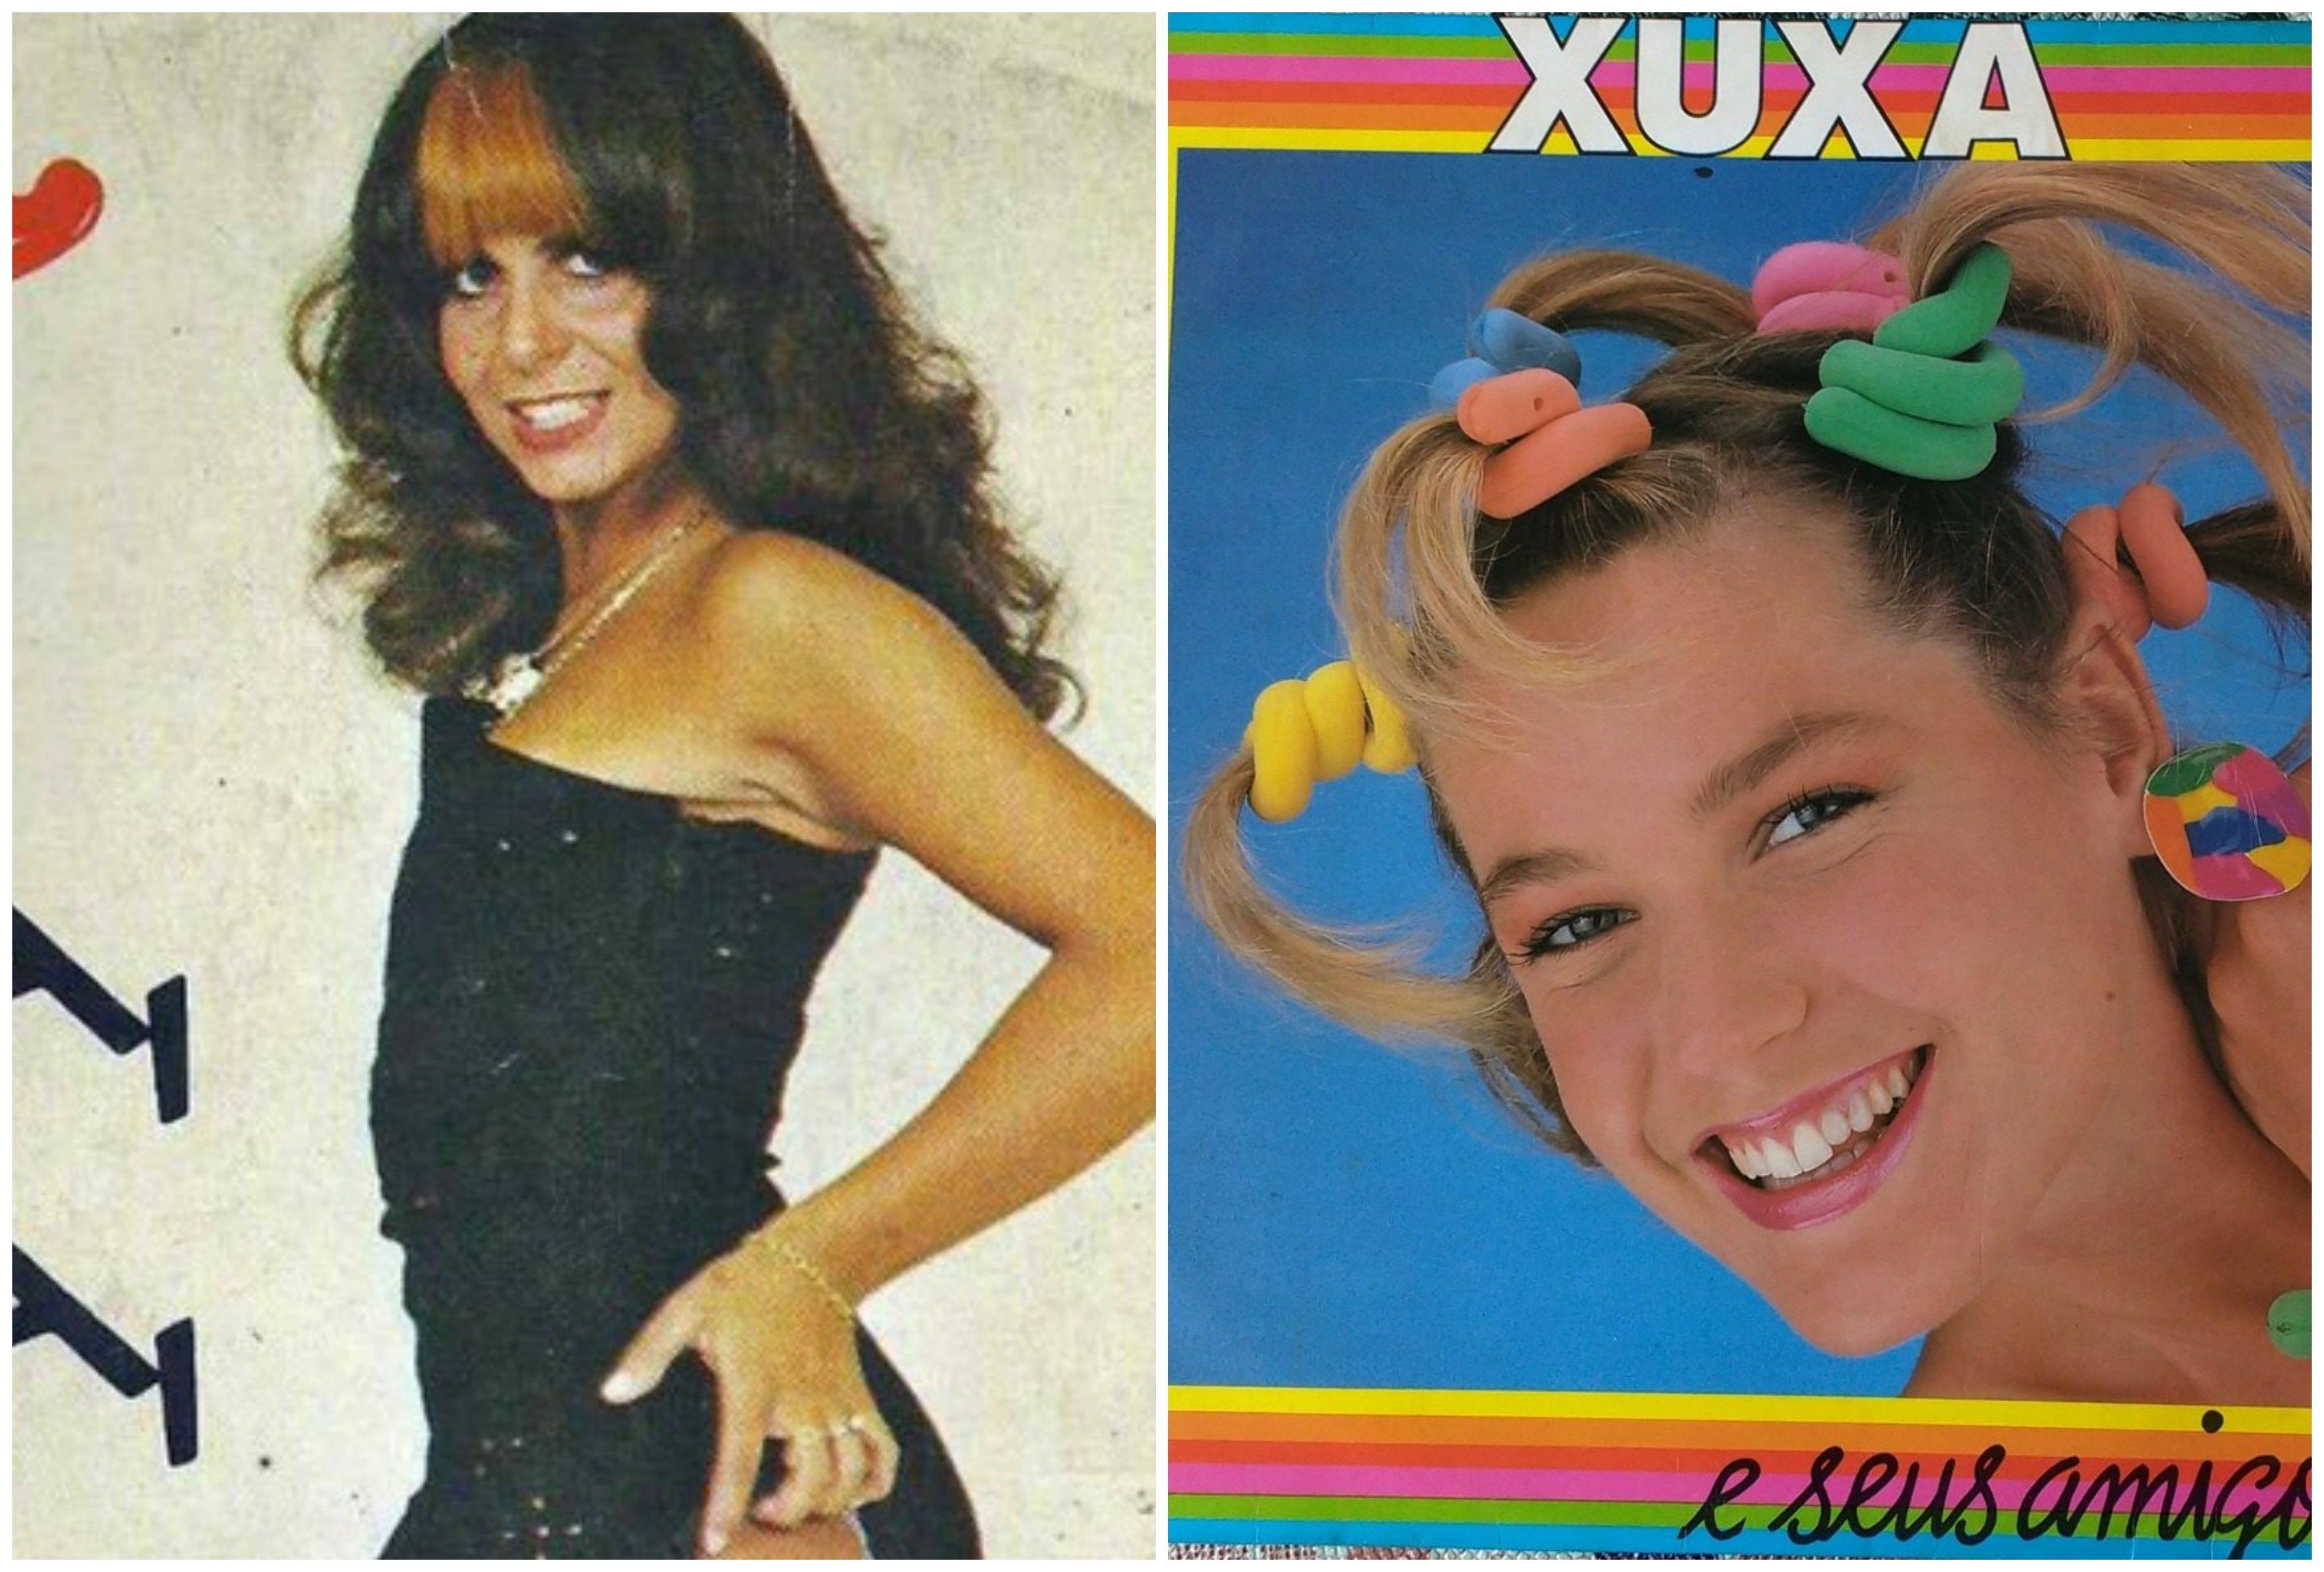 Gretchen e Xuxa em suas primeiras produções. Foto: Reprodução